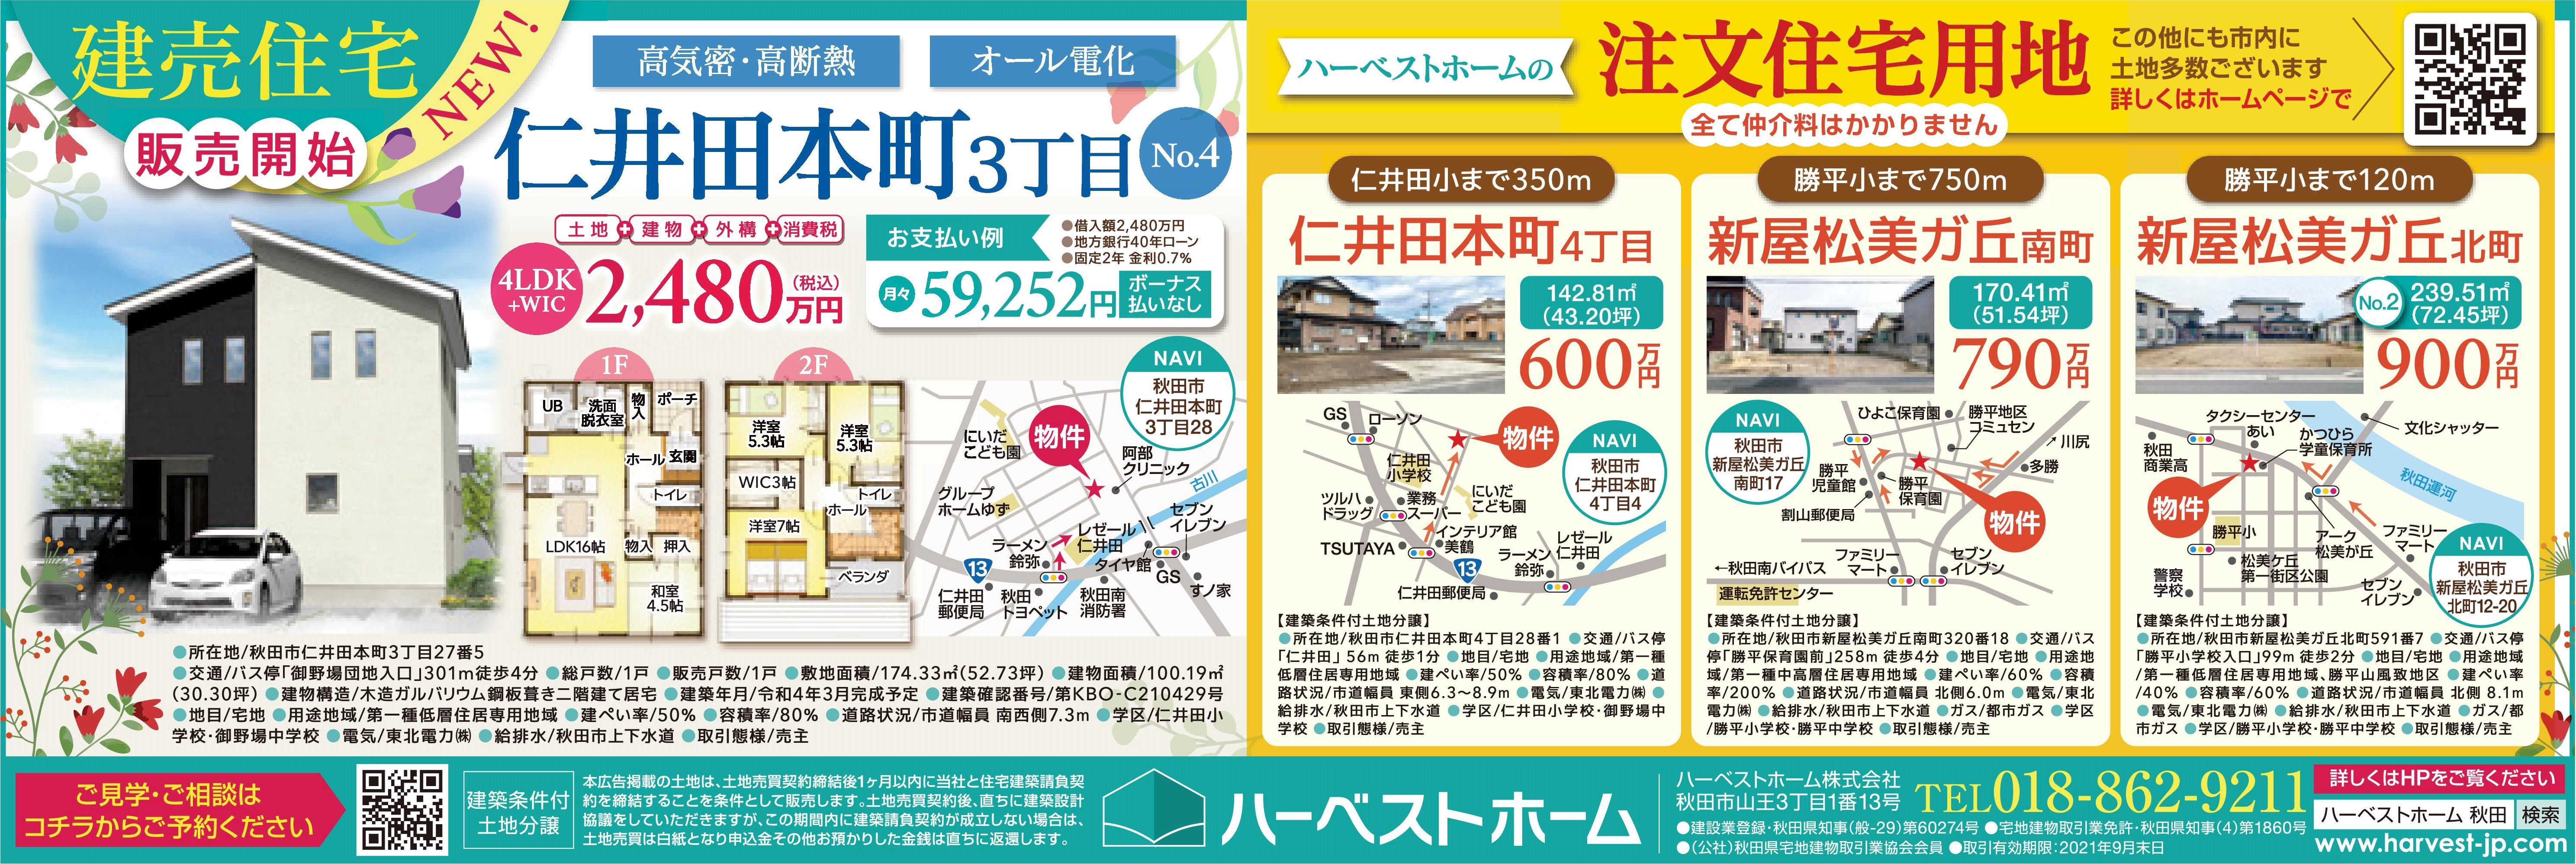 9/11・12 …『仁井田本町/建売住宅』/ 「あおいポスト」の広告です!